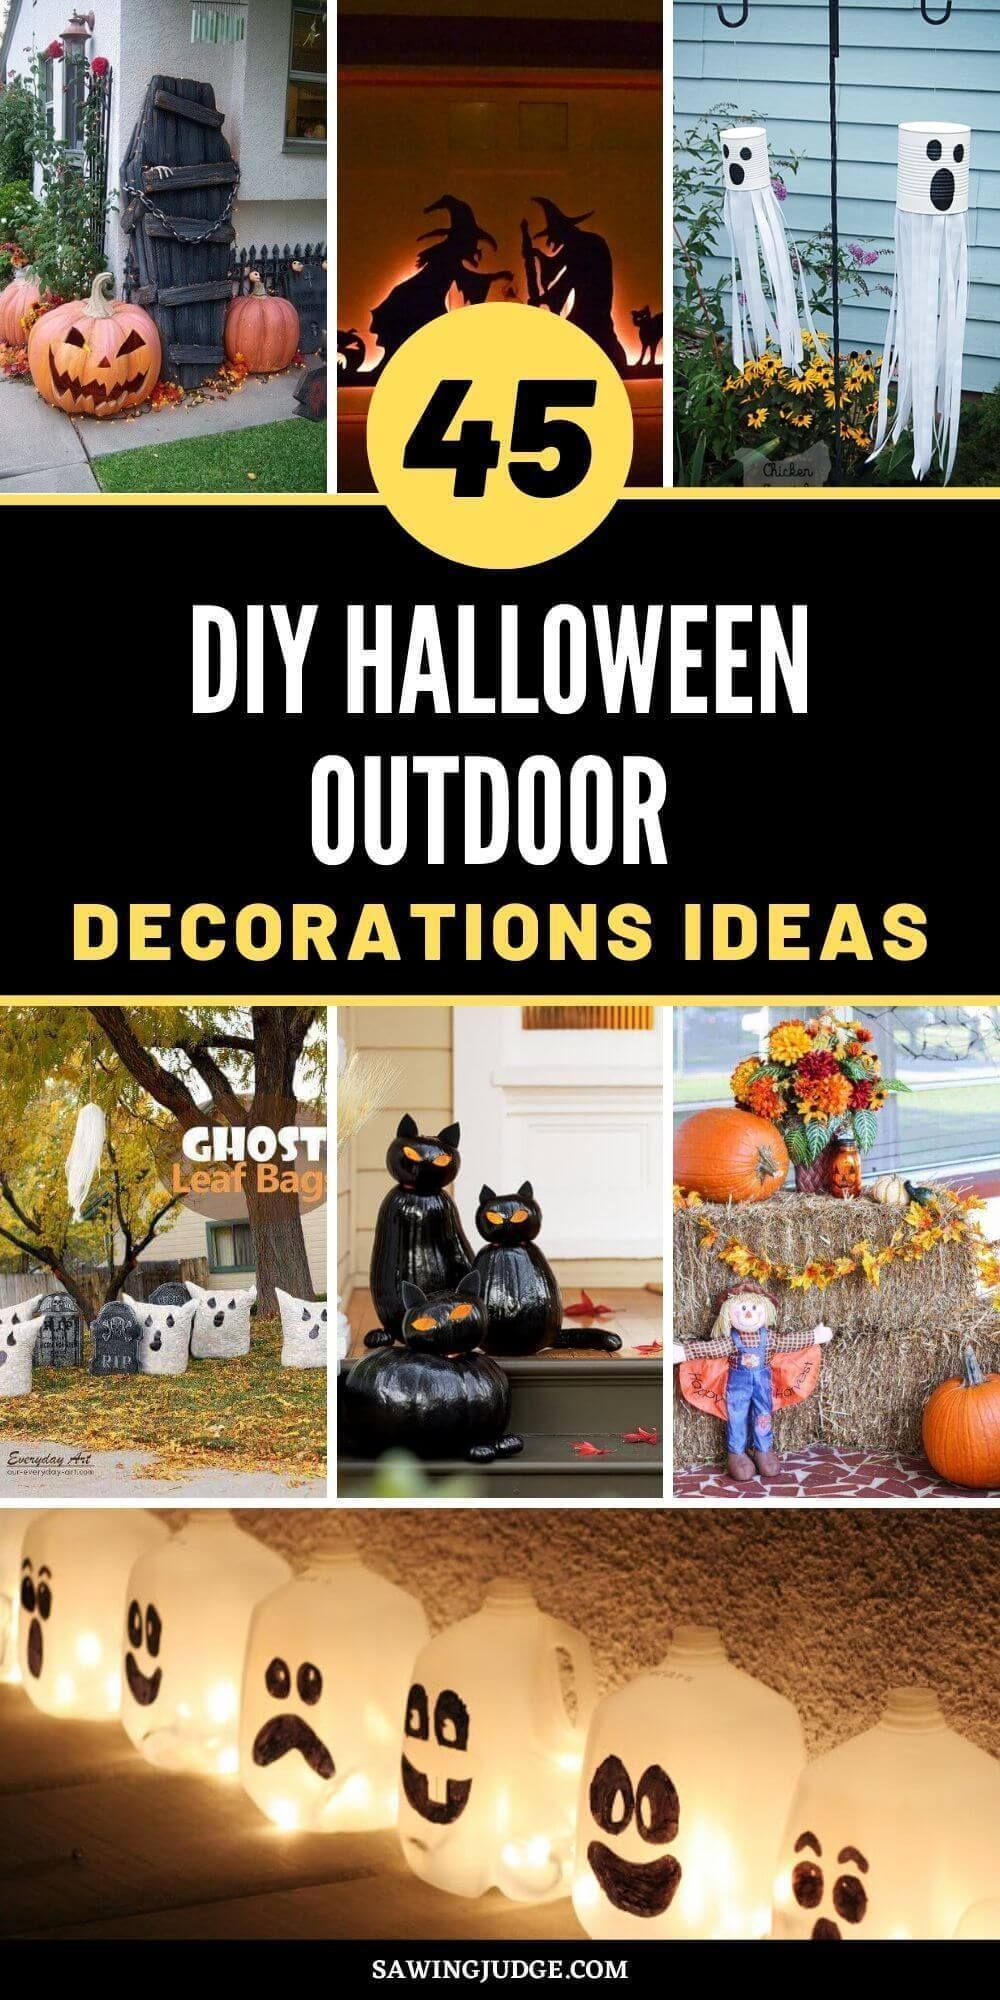 45 Best Diy Halloween Outdoor Decorations Ideas Halloween Diy Outdoor Halloween Decorations Diy Outdoor Outdoor Halloween